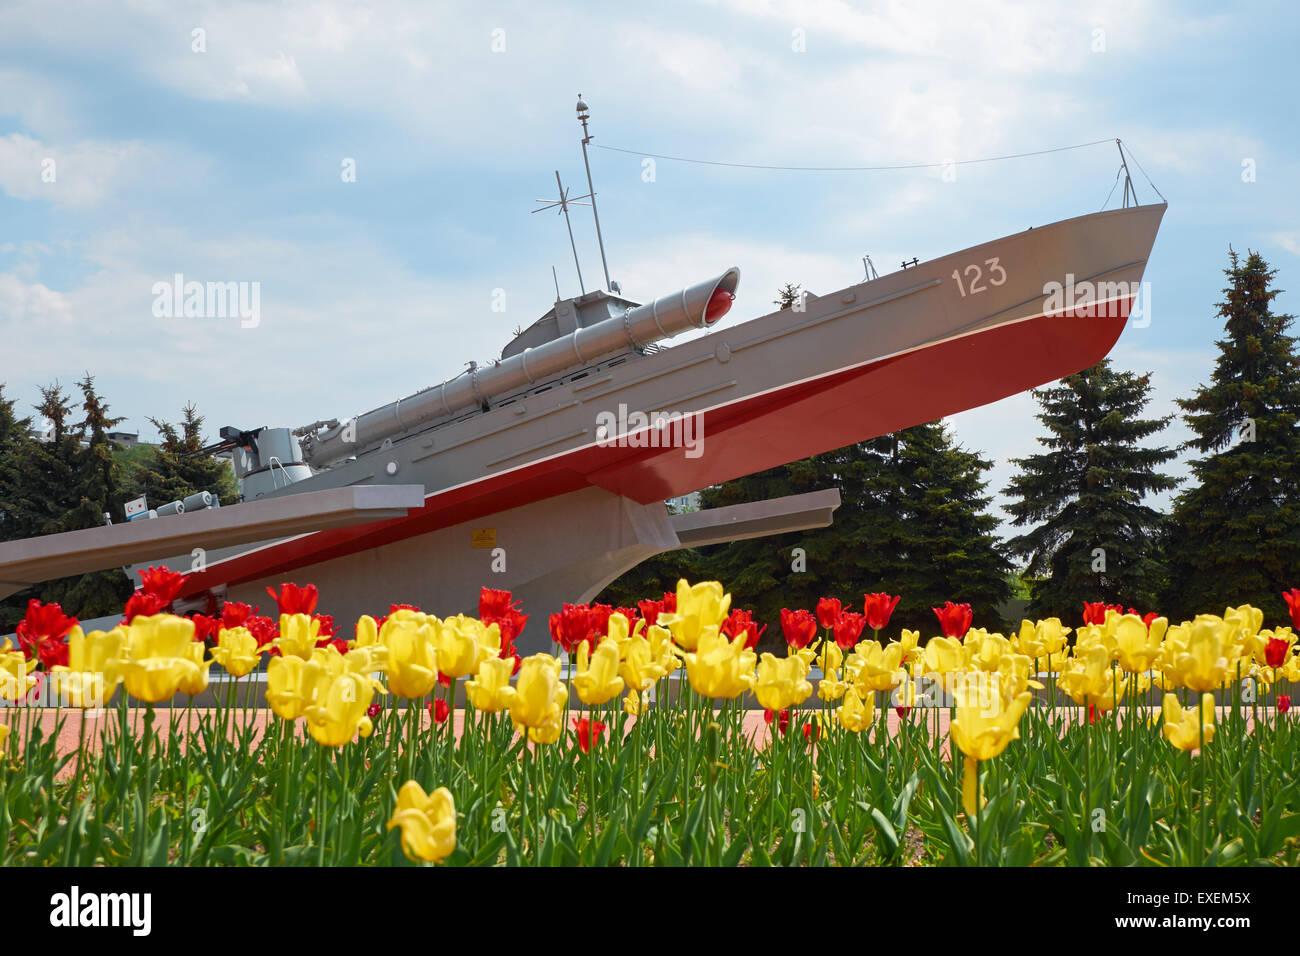 Soviet memorial dedicated to cosmonauts from kaliningrad - Kaliningrad Russia May 21 2015 World War Ii Memorial Torpedo Boat Komsomolets Work Of Sculptor Morgunov In 1978